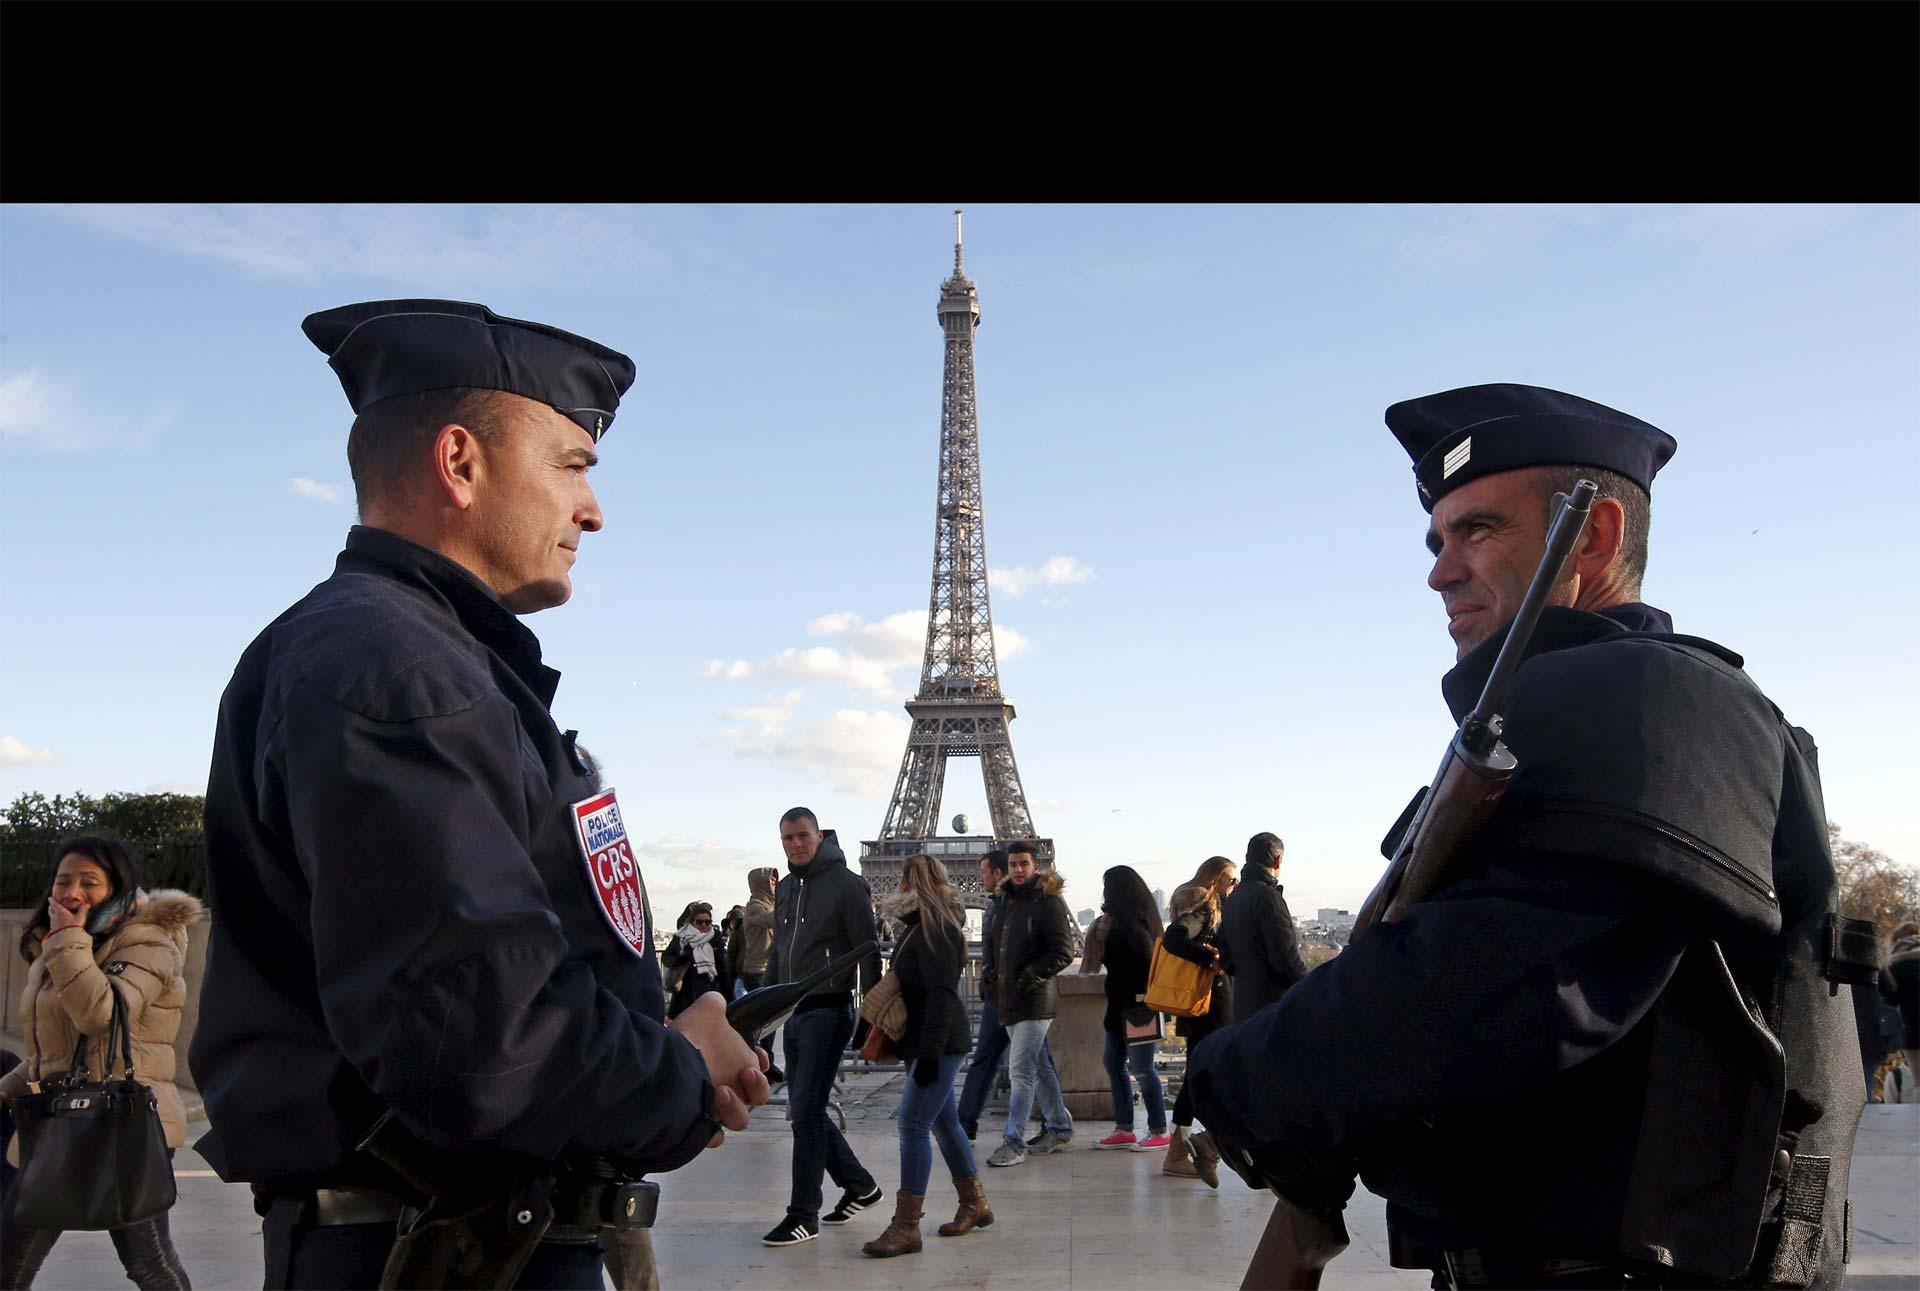 Es de un modelo igual al utilizado por los terroristas suicidas que actuaron el 13 de noviembre